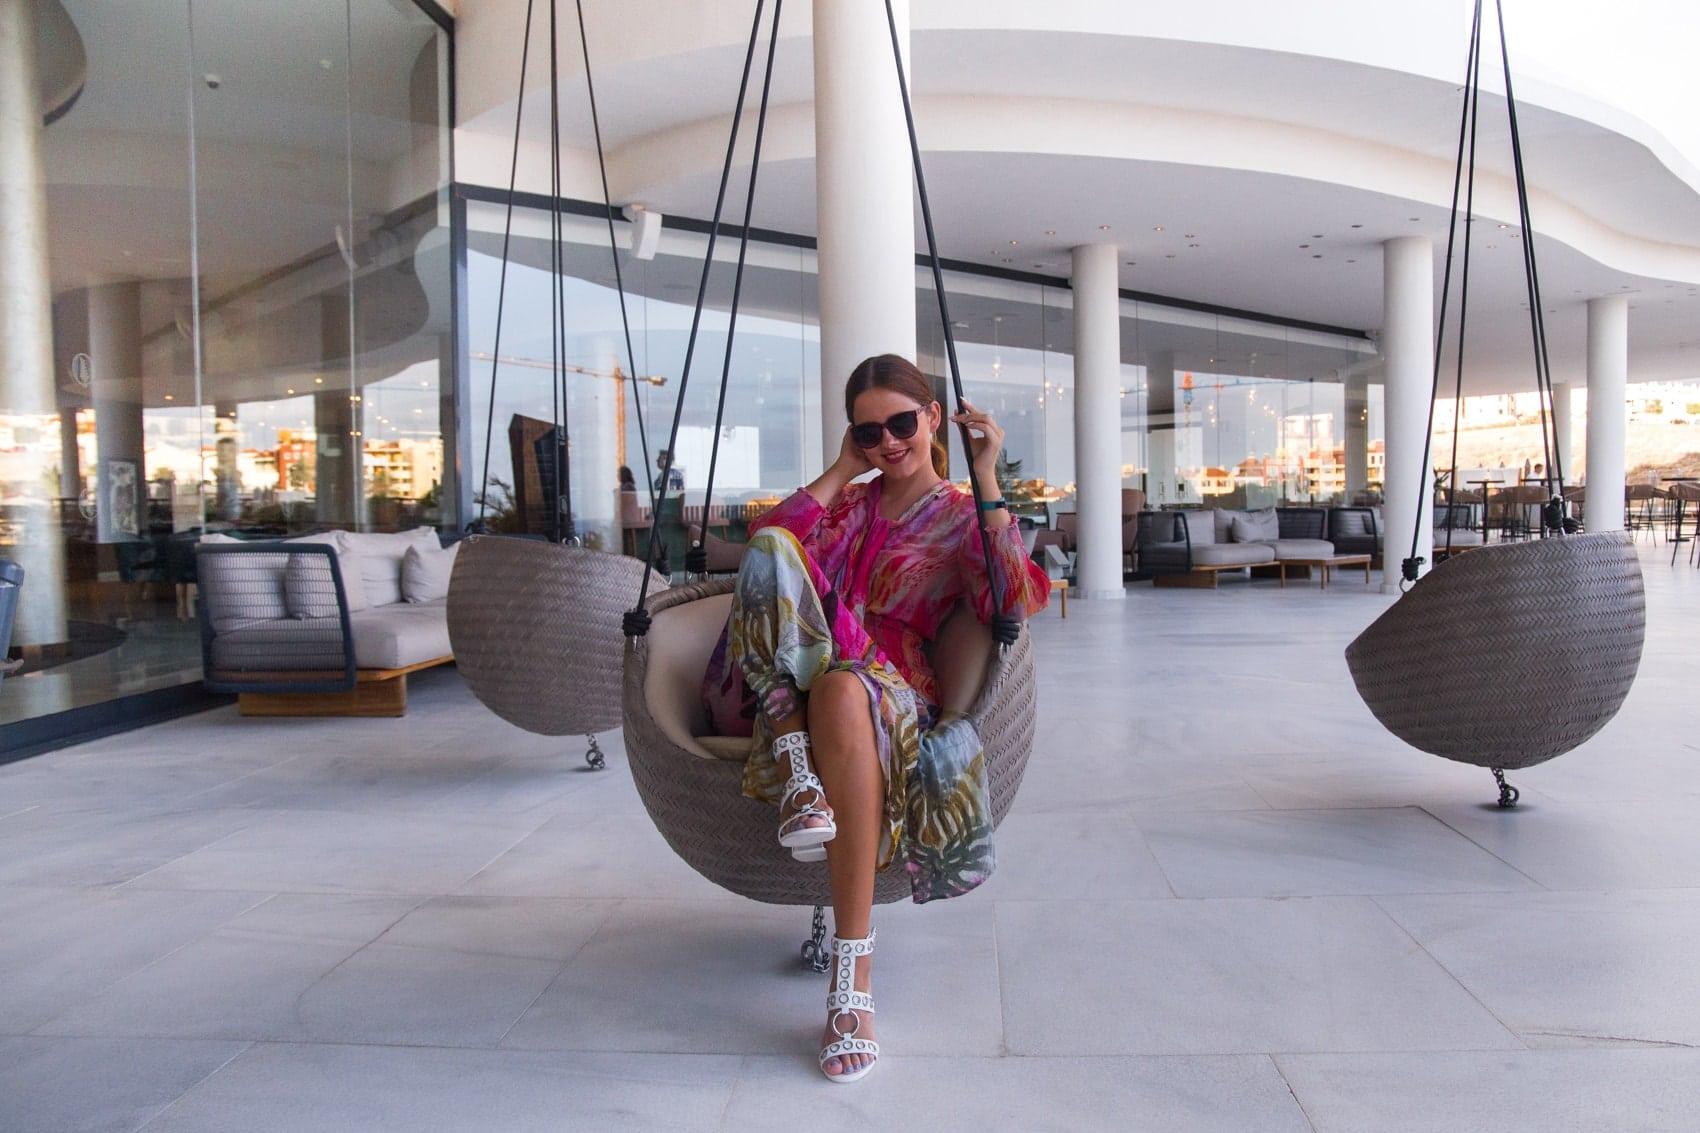 Teneriffa Style - Tunikakleid & weiße High-Heels von Jeffrey Cambell